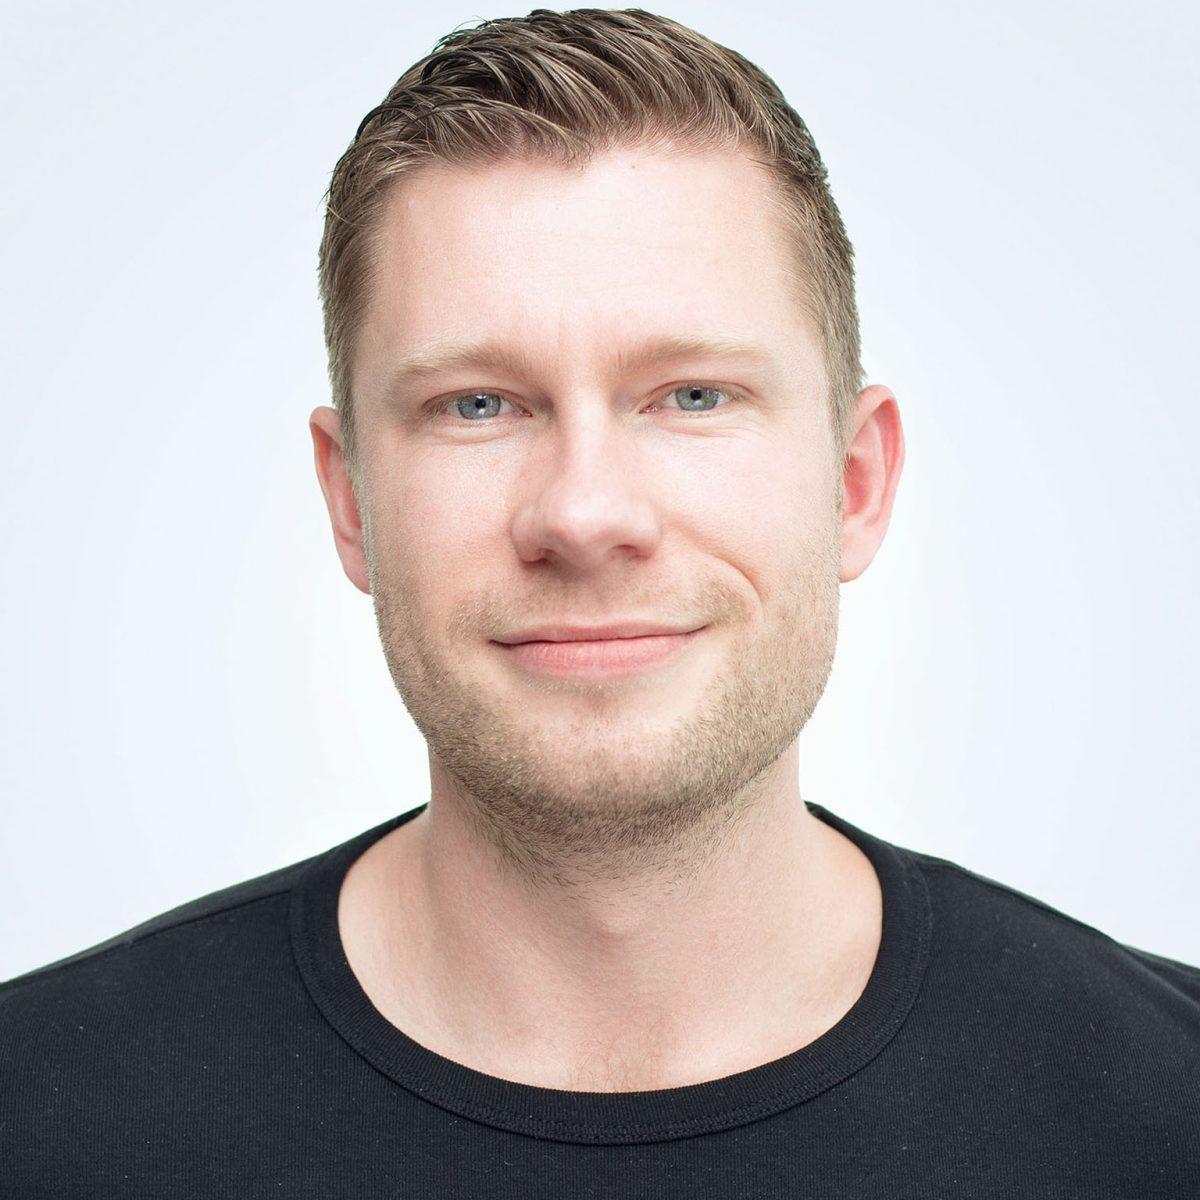 Lennart de Haan